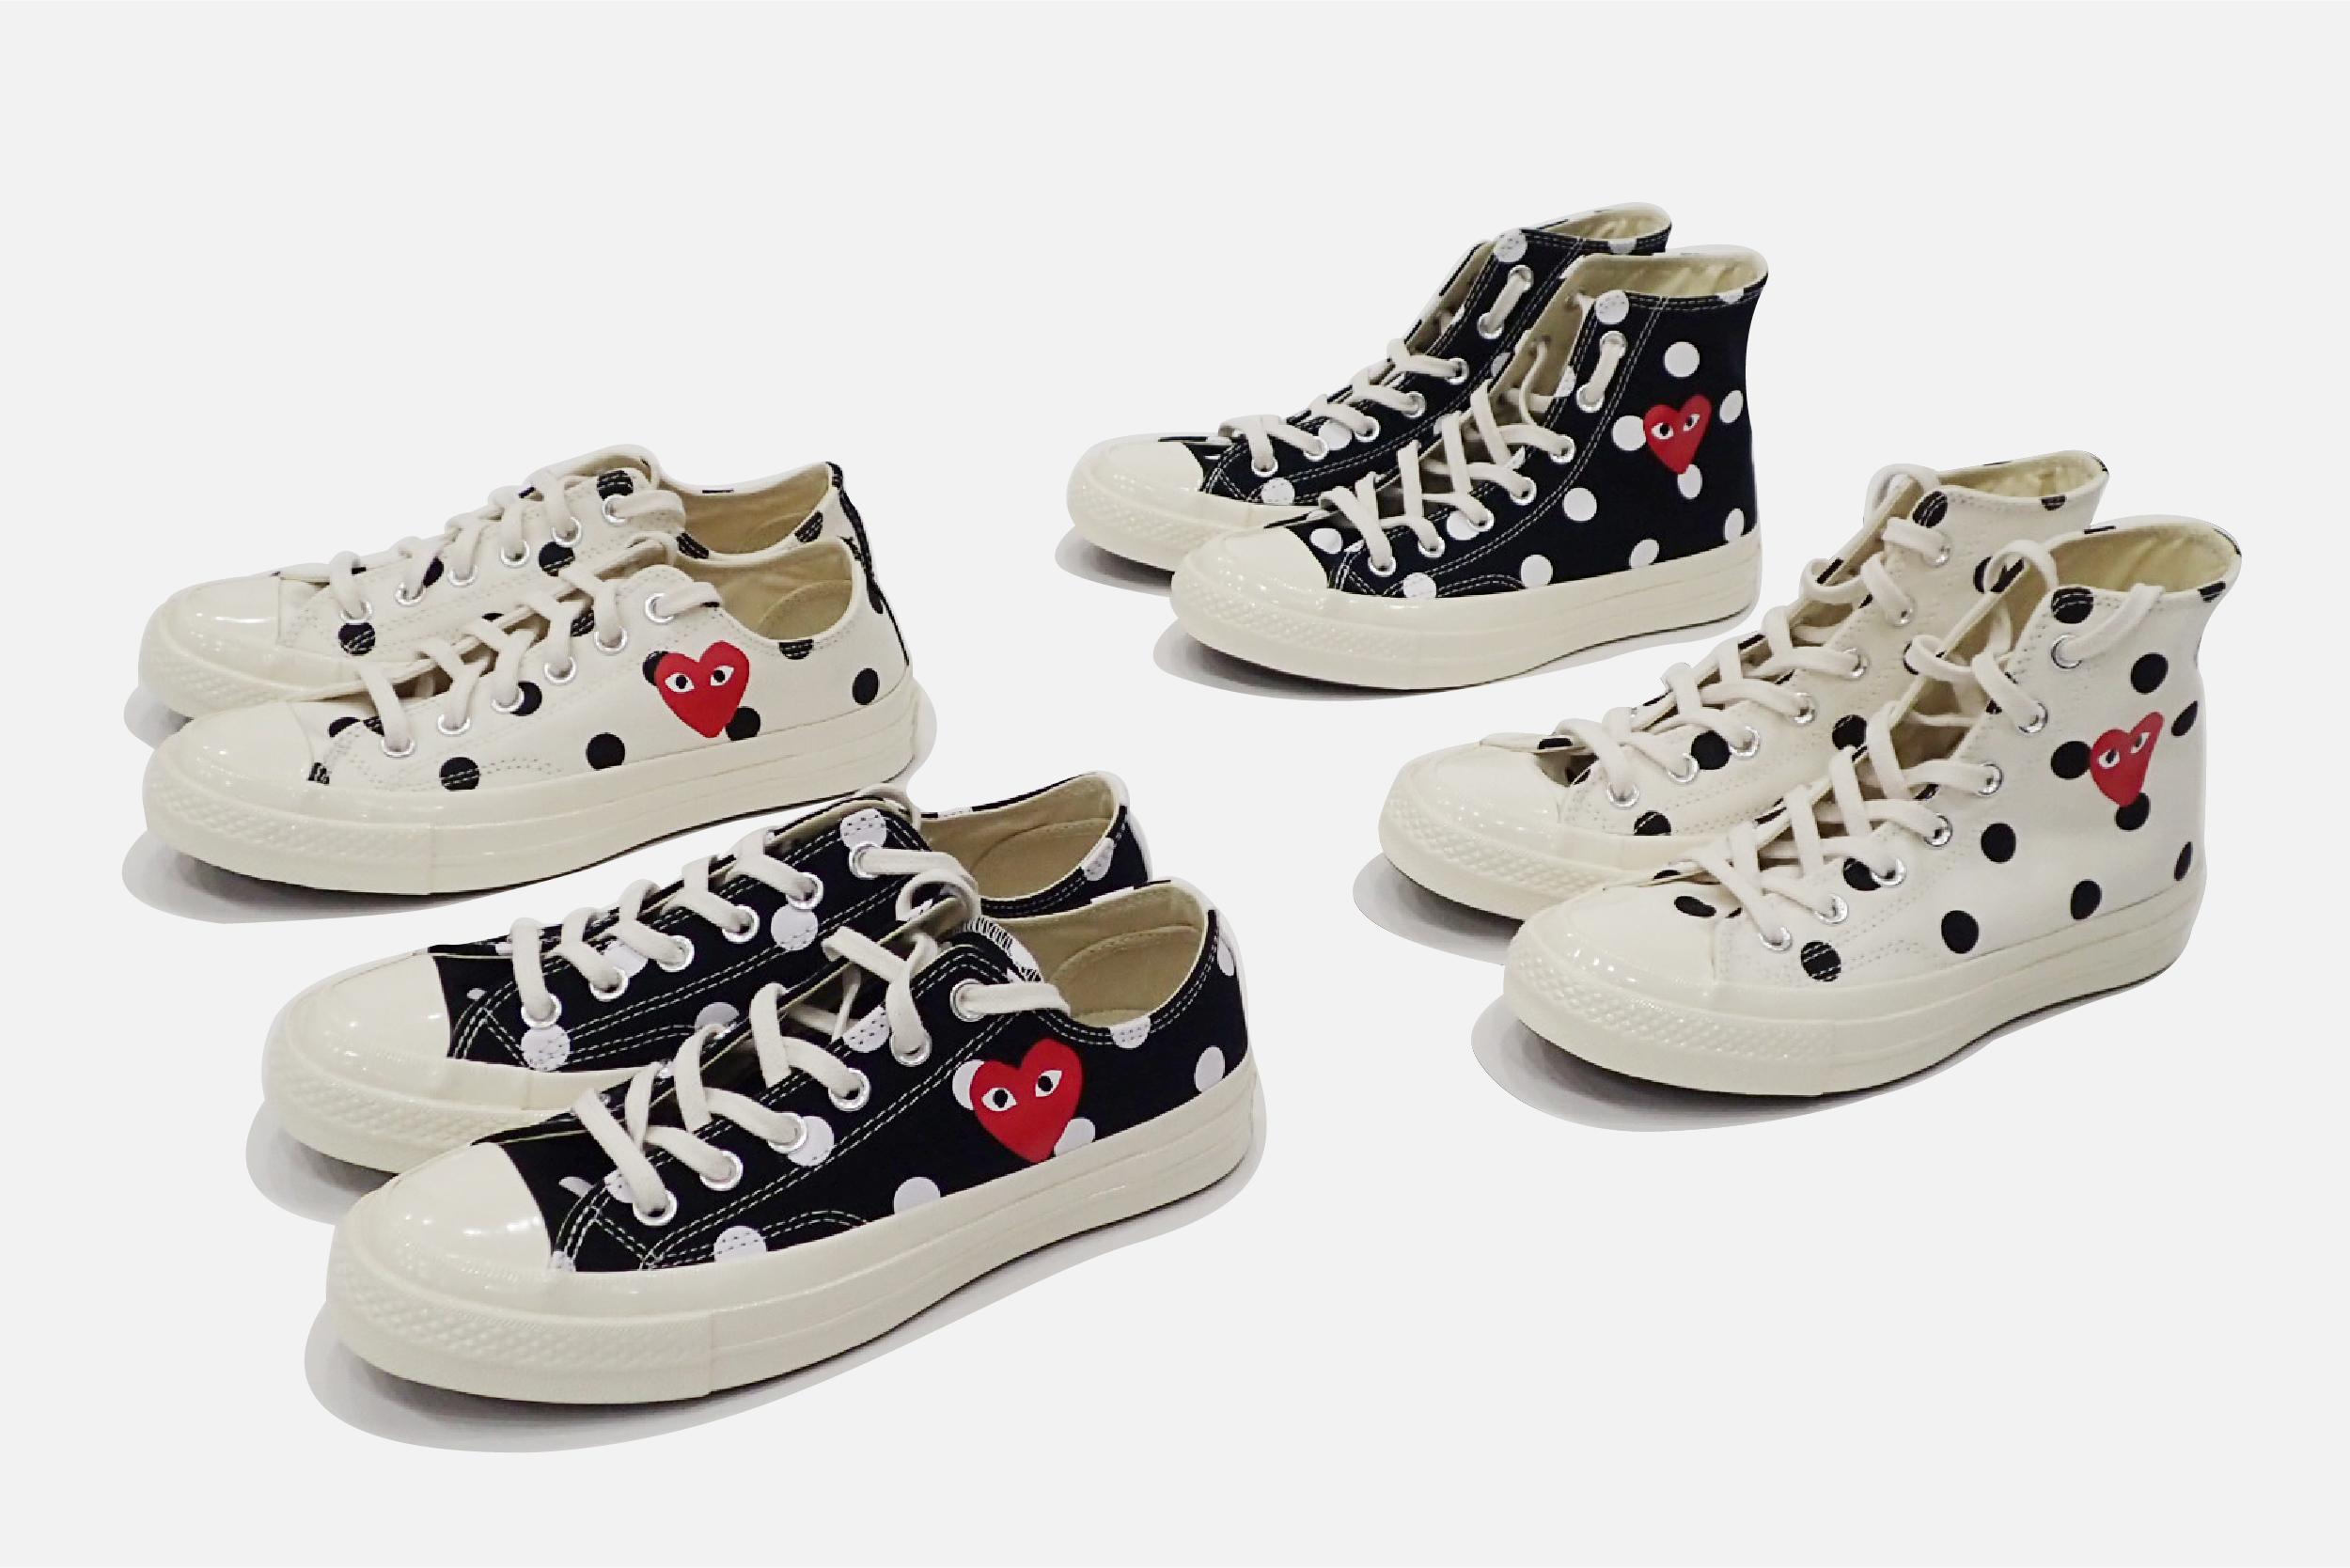 3de13befeb7202 Comme des Garcons PLAY x Converse polka-dot sneakers land in Bangkok  tomorrow